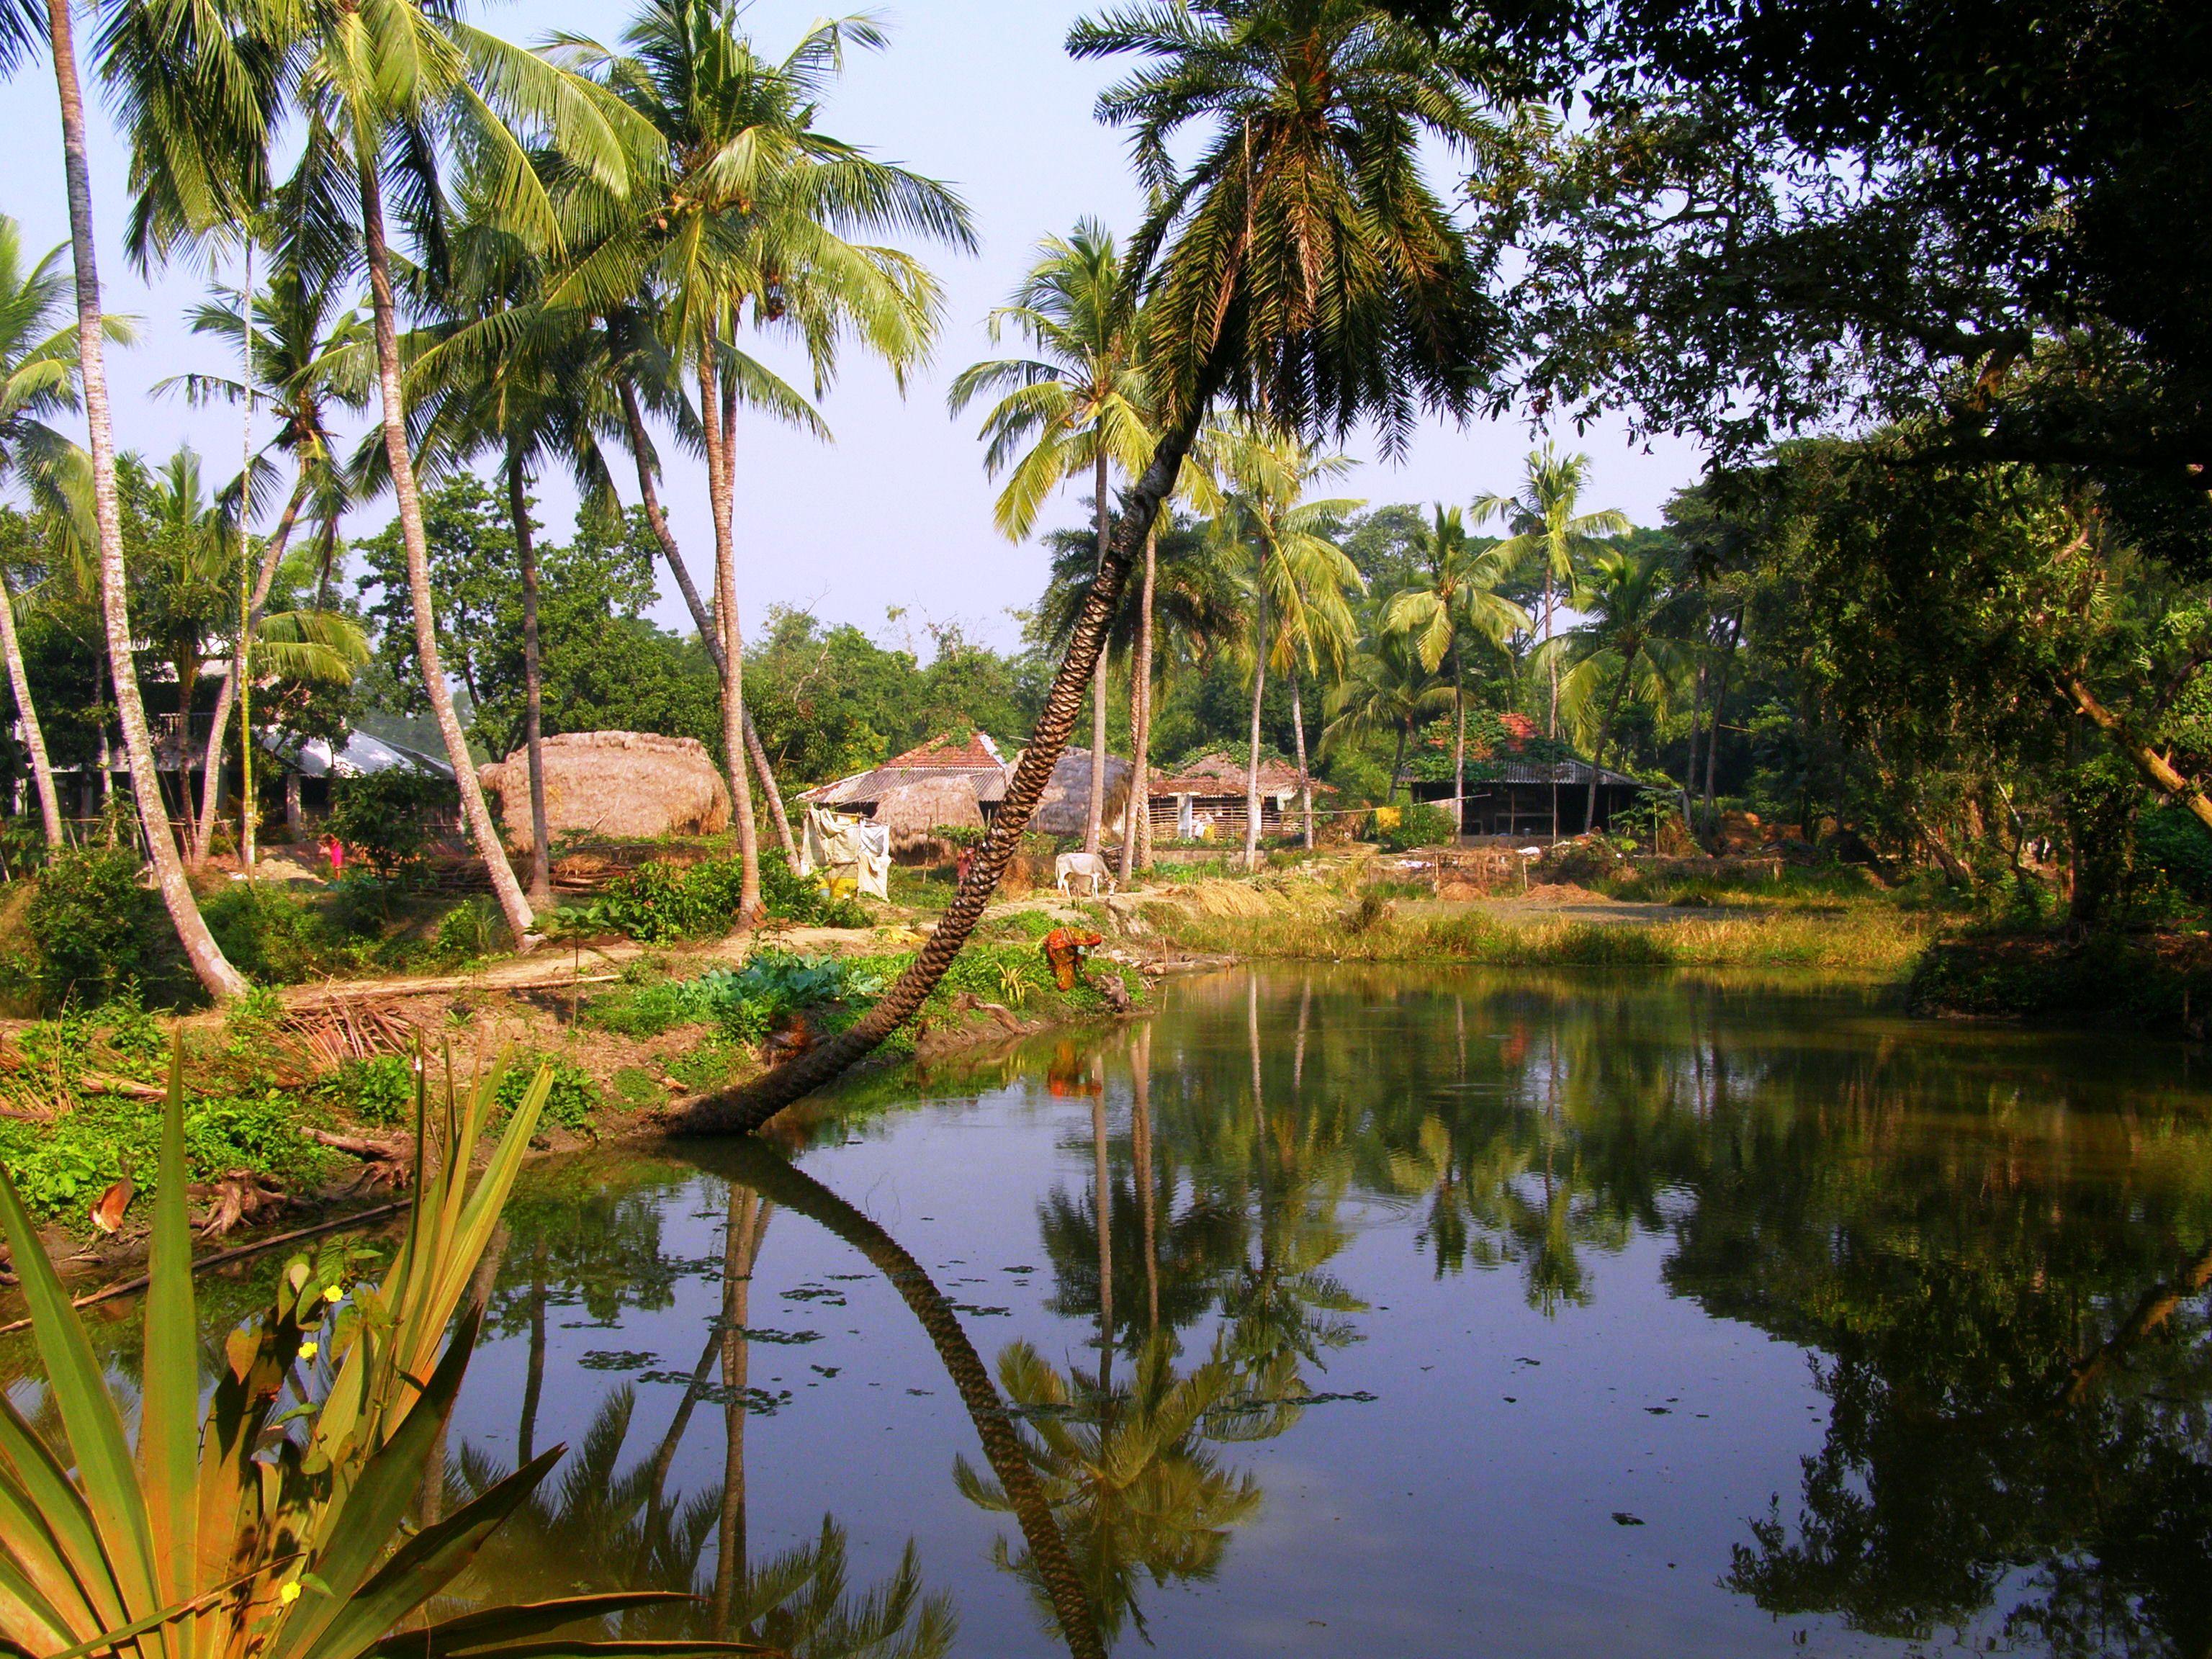 Bengal Village Landscape Photography Nature Landscape Photos Village Photography